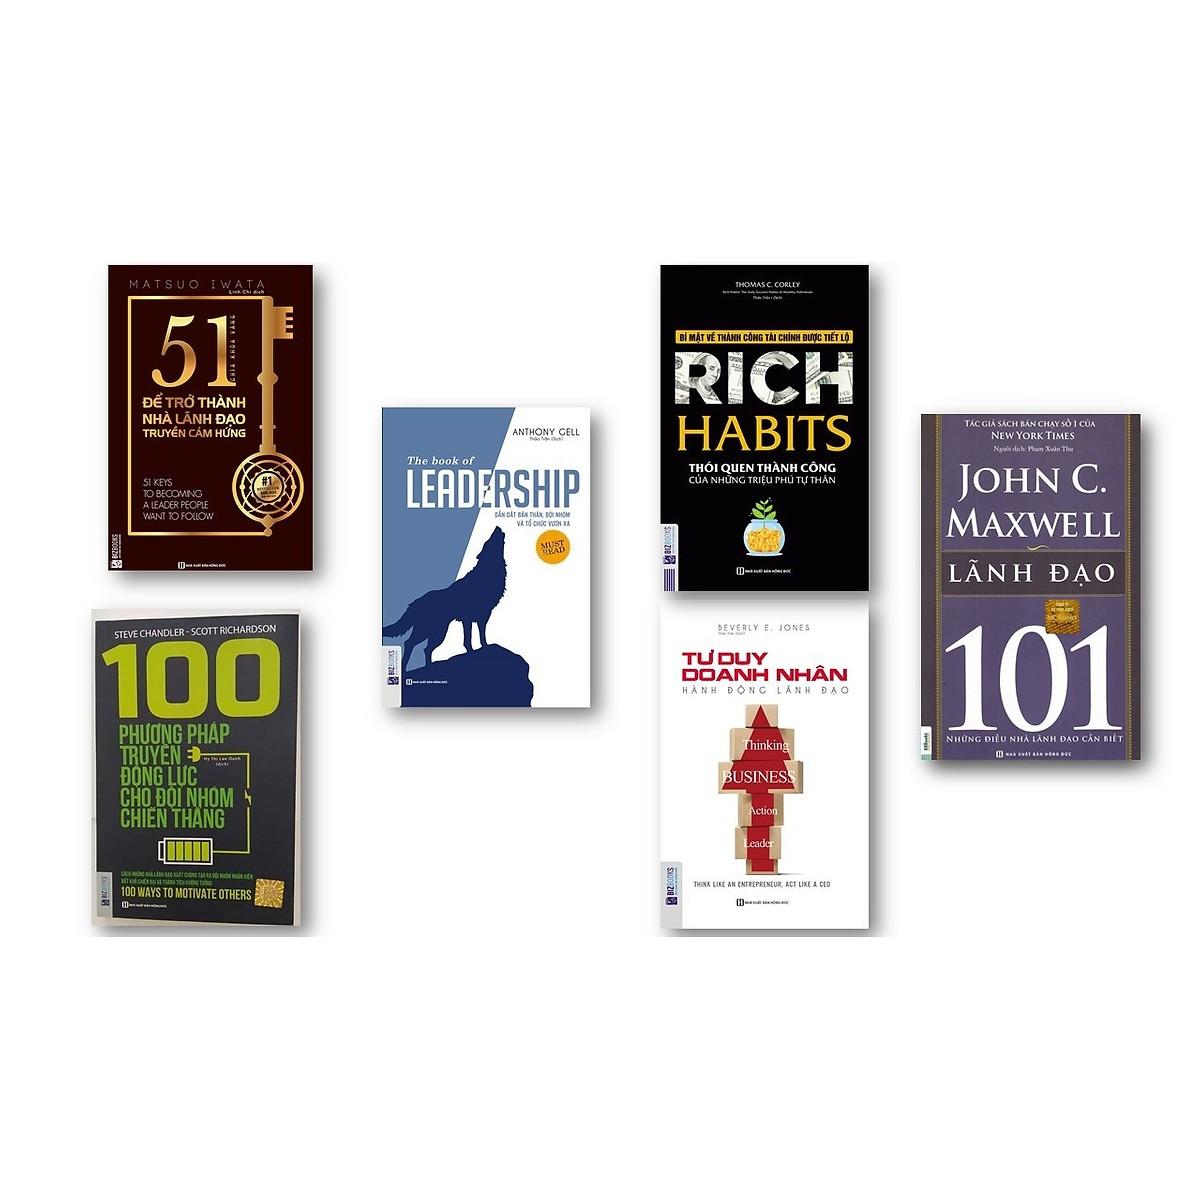 Combo 5 cuốn sách   100 phương pháp truyền động lực cho đội nhóm chiến thắng  Rich Habits thói quen thành công của những triệu phú tự thân  Tư duy doanh nhân hành động lãnh đạo  51 chìa khóa vàng để t